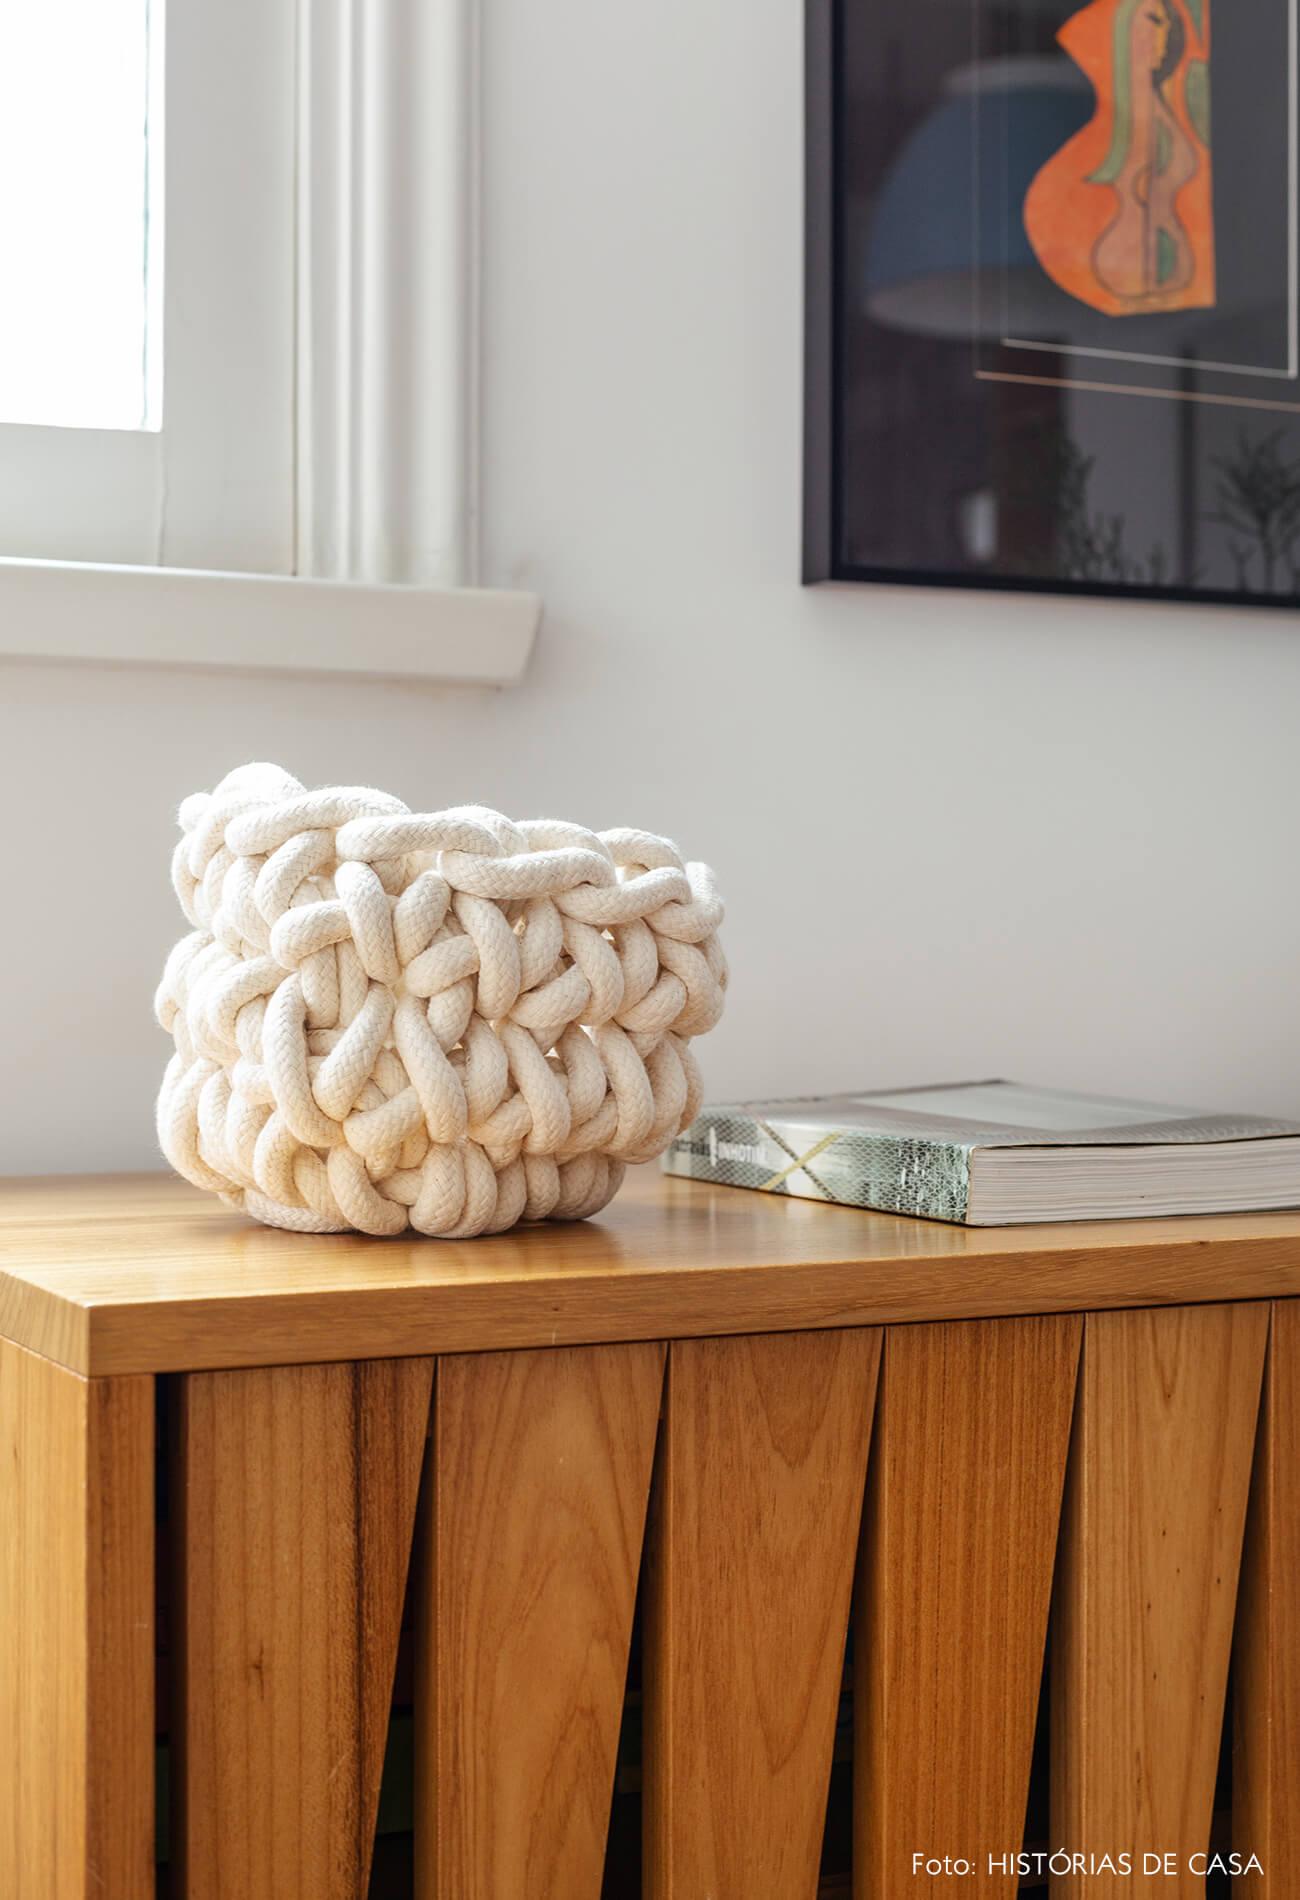 Decoração com texturas naturais, bowl de corda